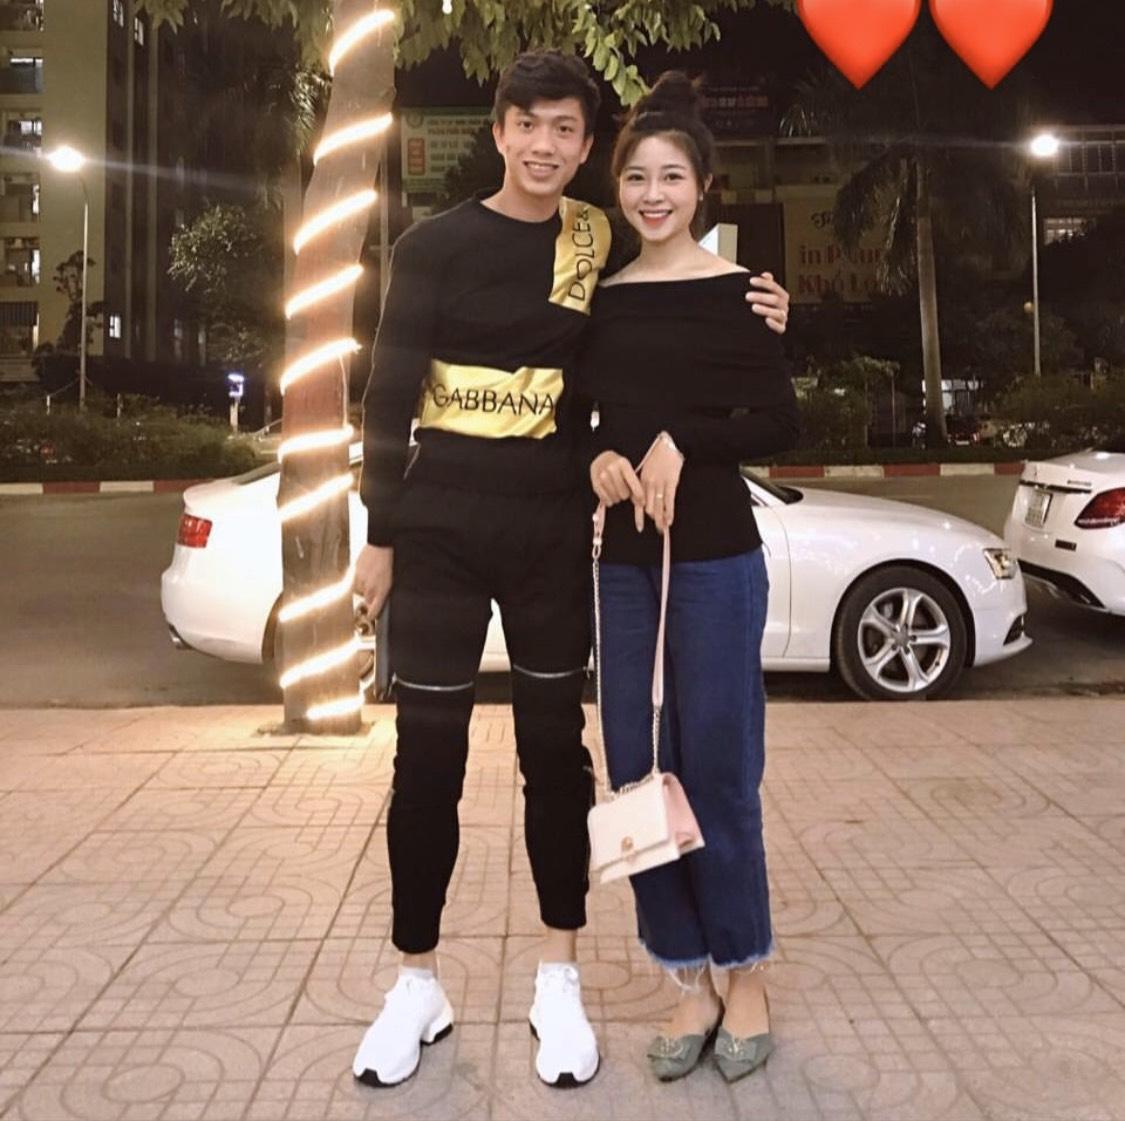 Vợ sắp cưới của Phan Văn Đức bức xúc đáp trả những tin đồn ác ý - 1